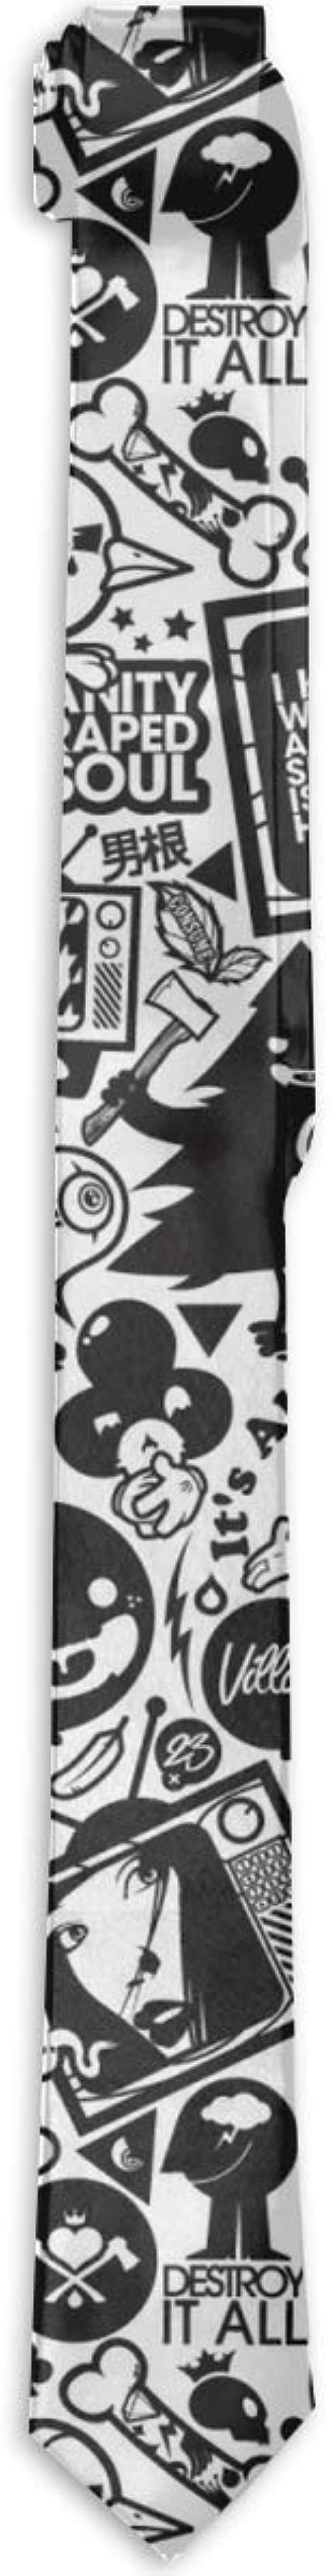 Cosicstore Accesorios de disfraz retro negro Trippy Art corbatas ...